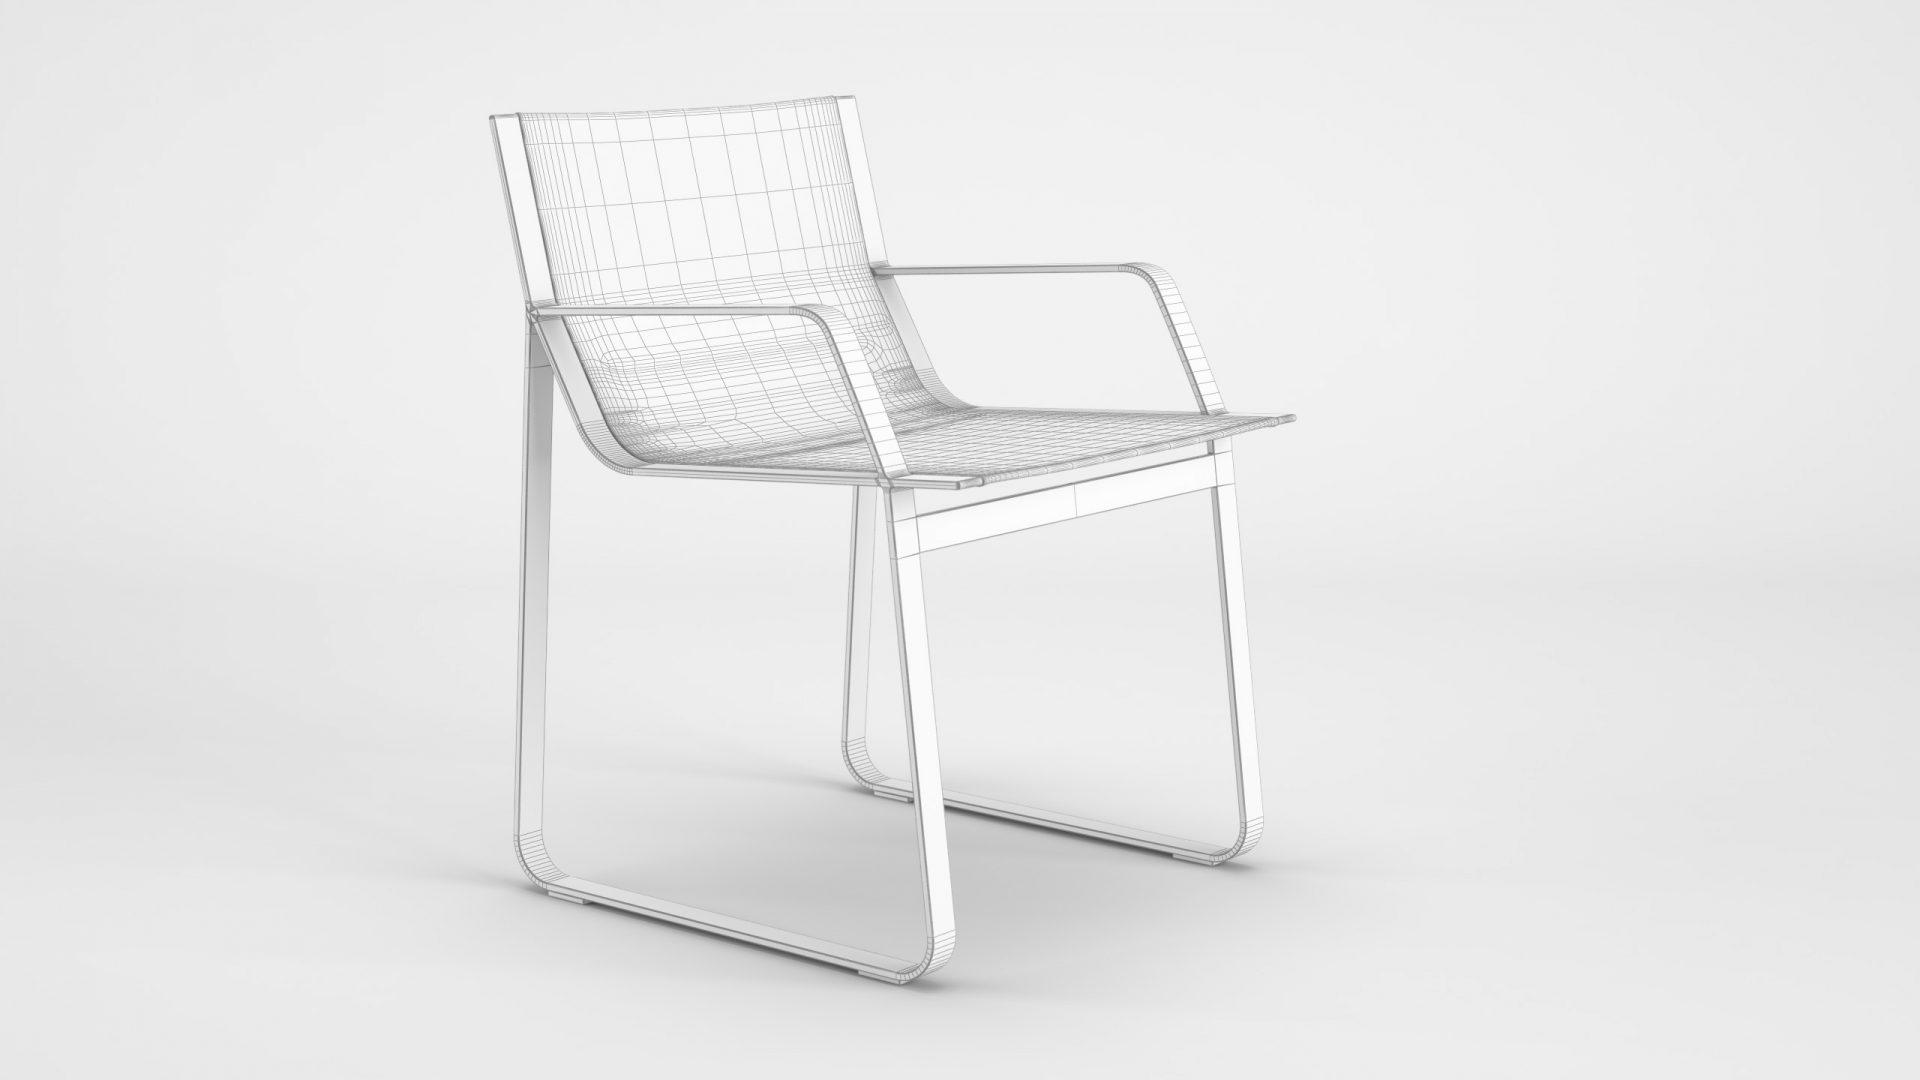 008_Essentiel_Chair_0711E2_WhiteSet_01_wire_0000